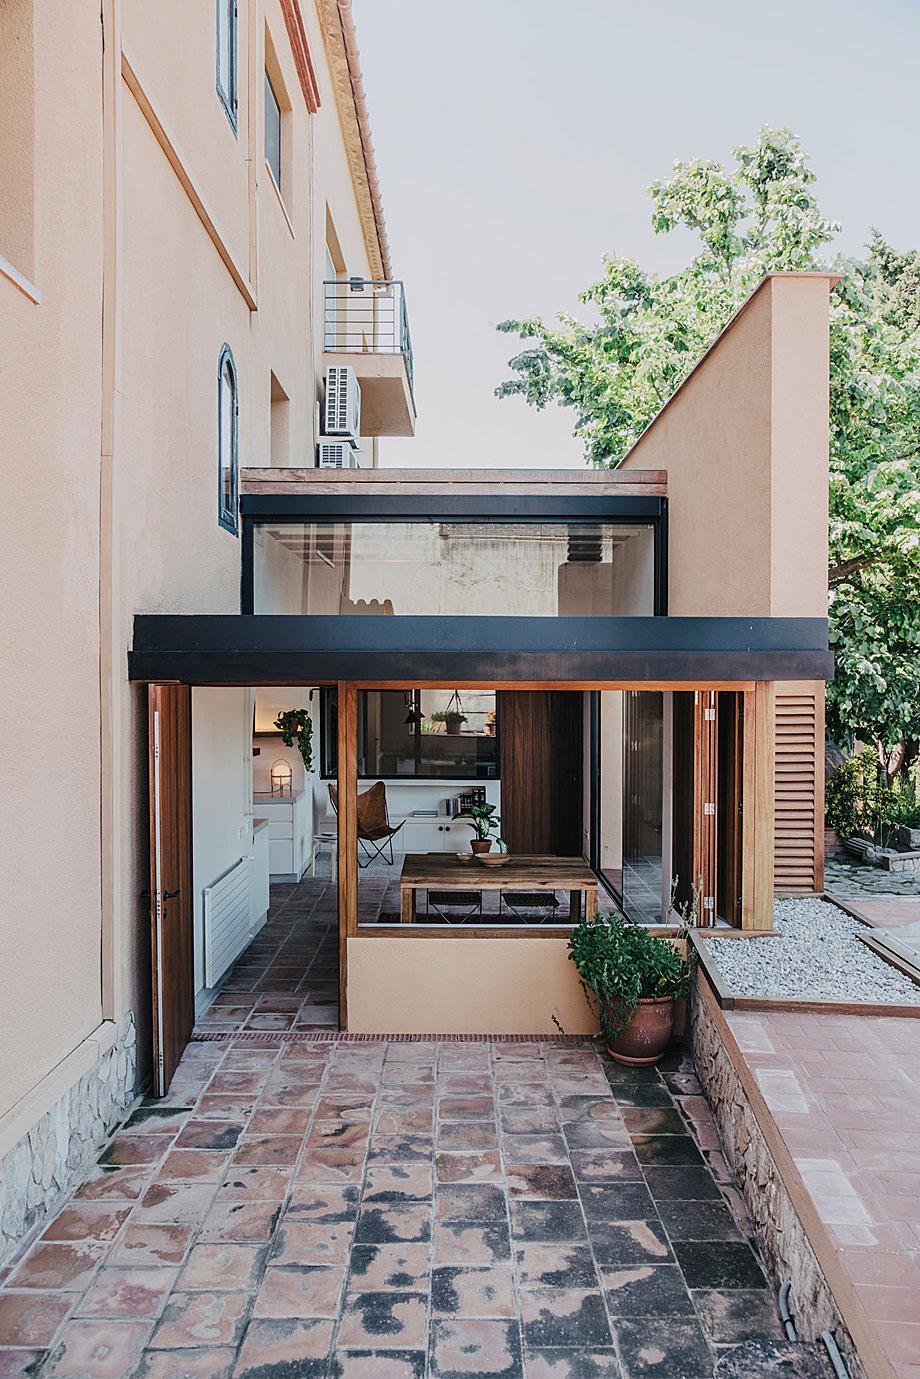 mesura-architecture-sant-mori-ampliacion-girona-housing-project-spain-arquitectura-16